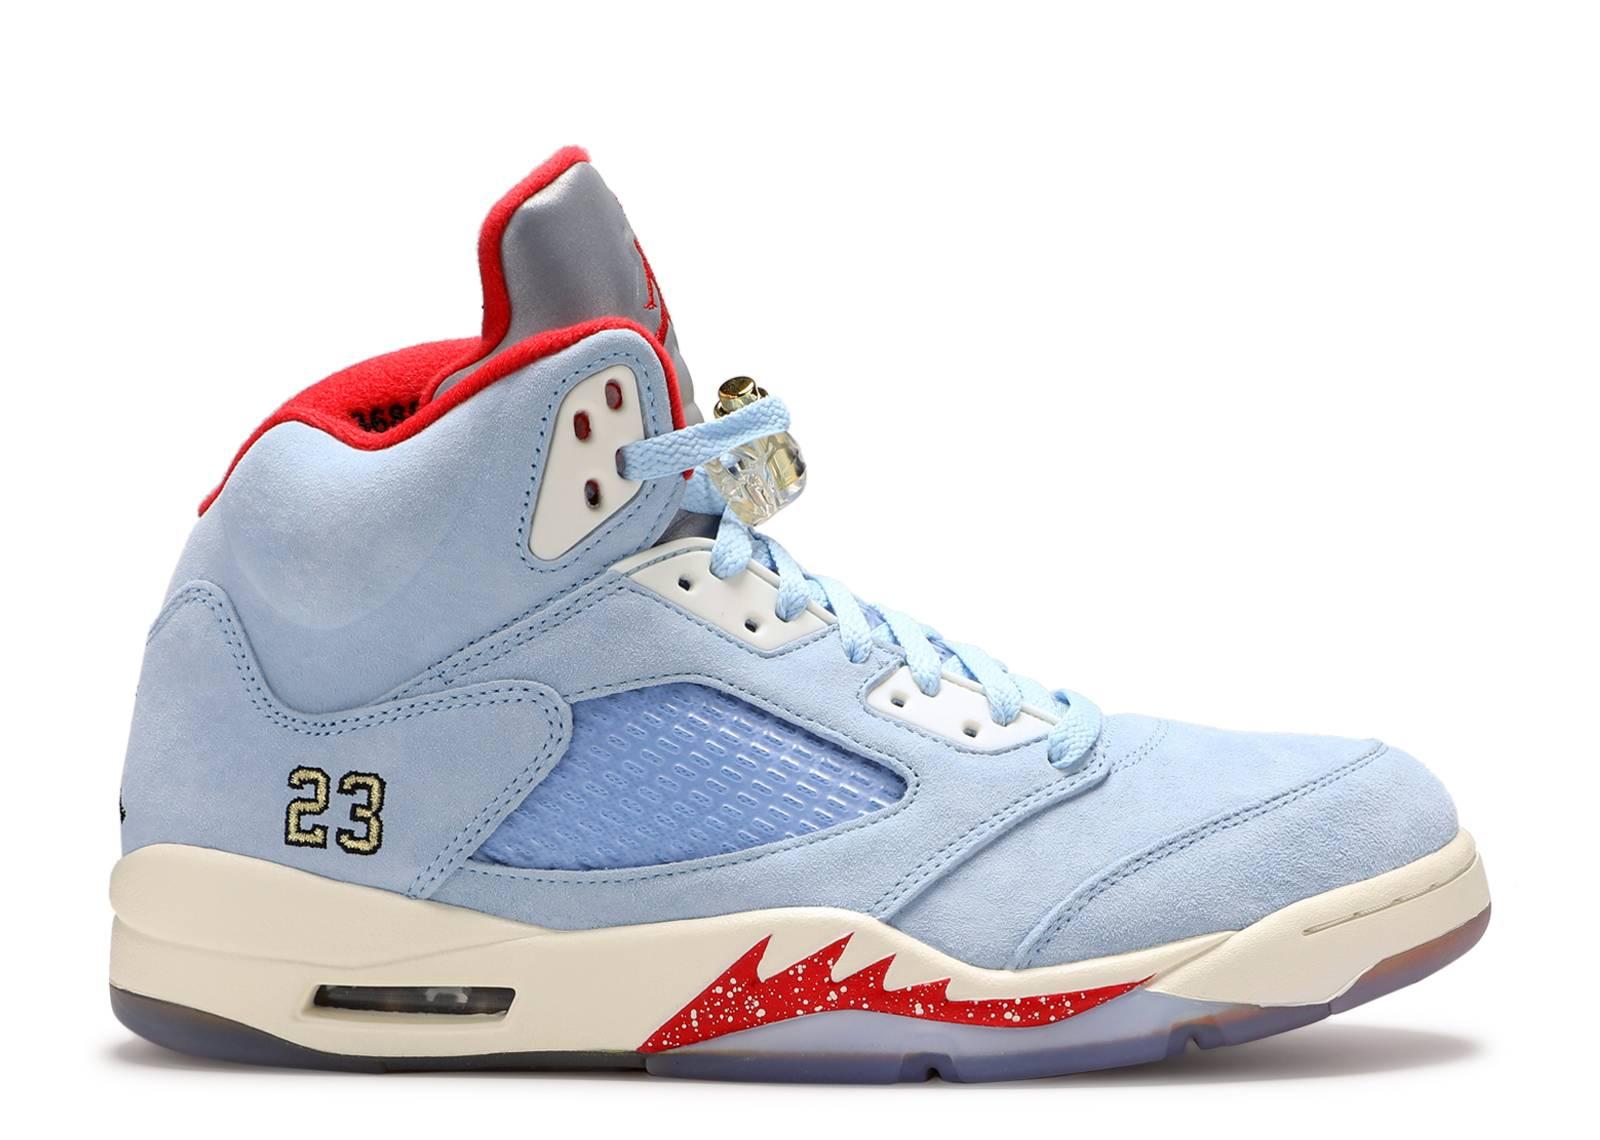 0c918b0e32e Trophy Room X Air Jordan 5 Retro 'Ice Blue'